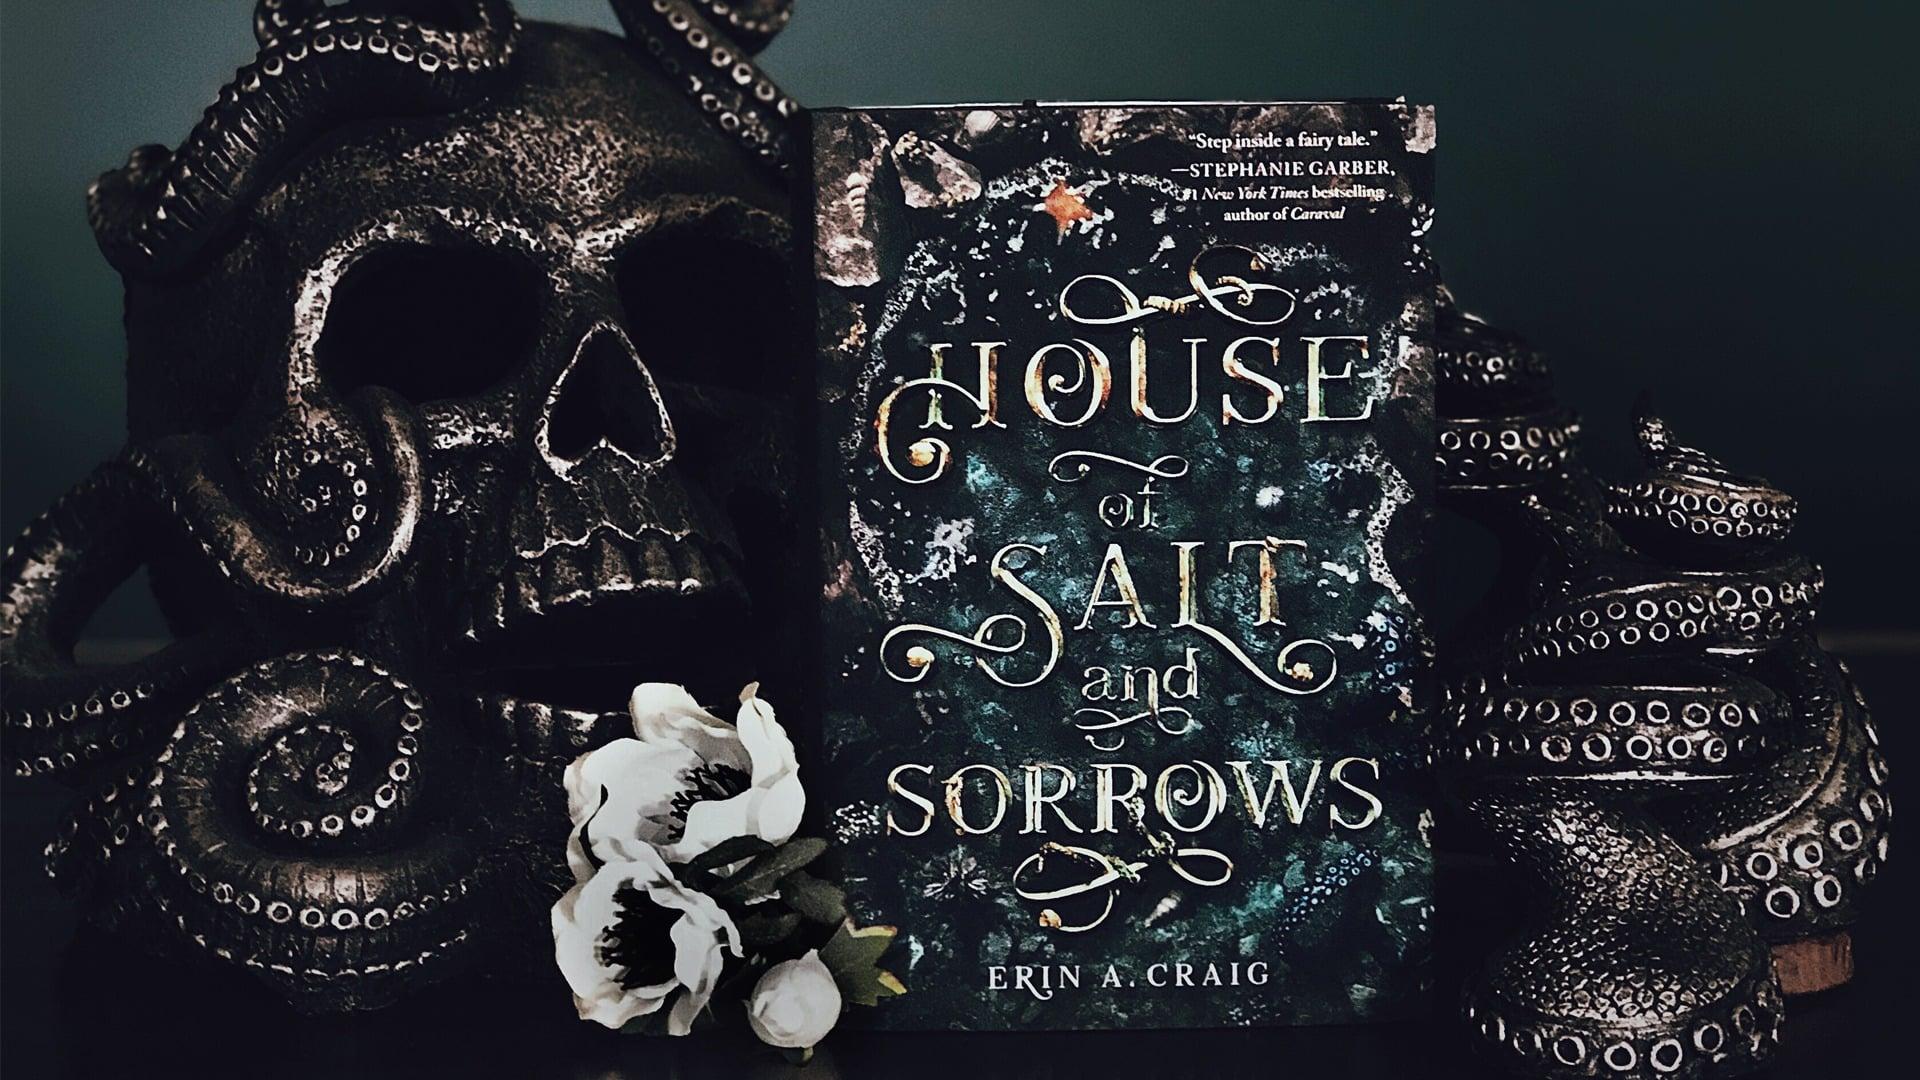 TIP na knihu House of Salt and Sorrows